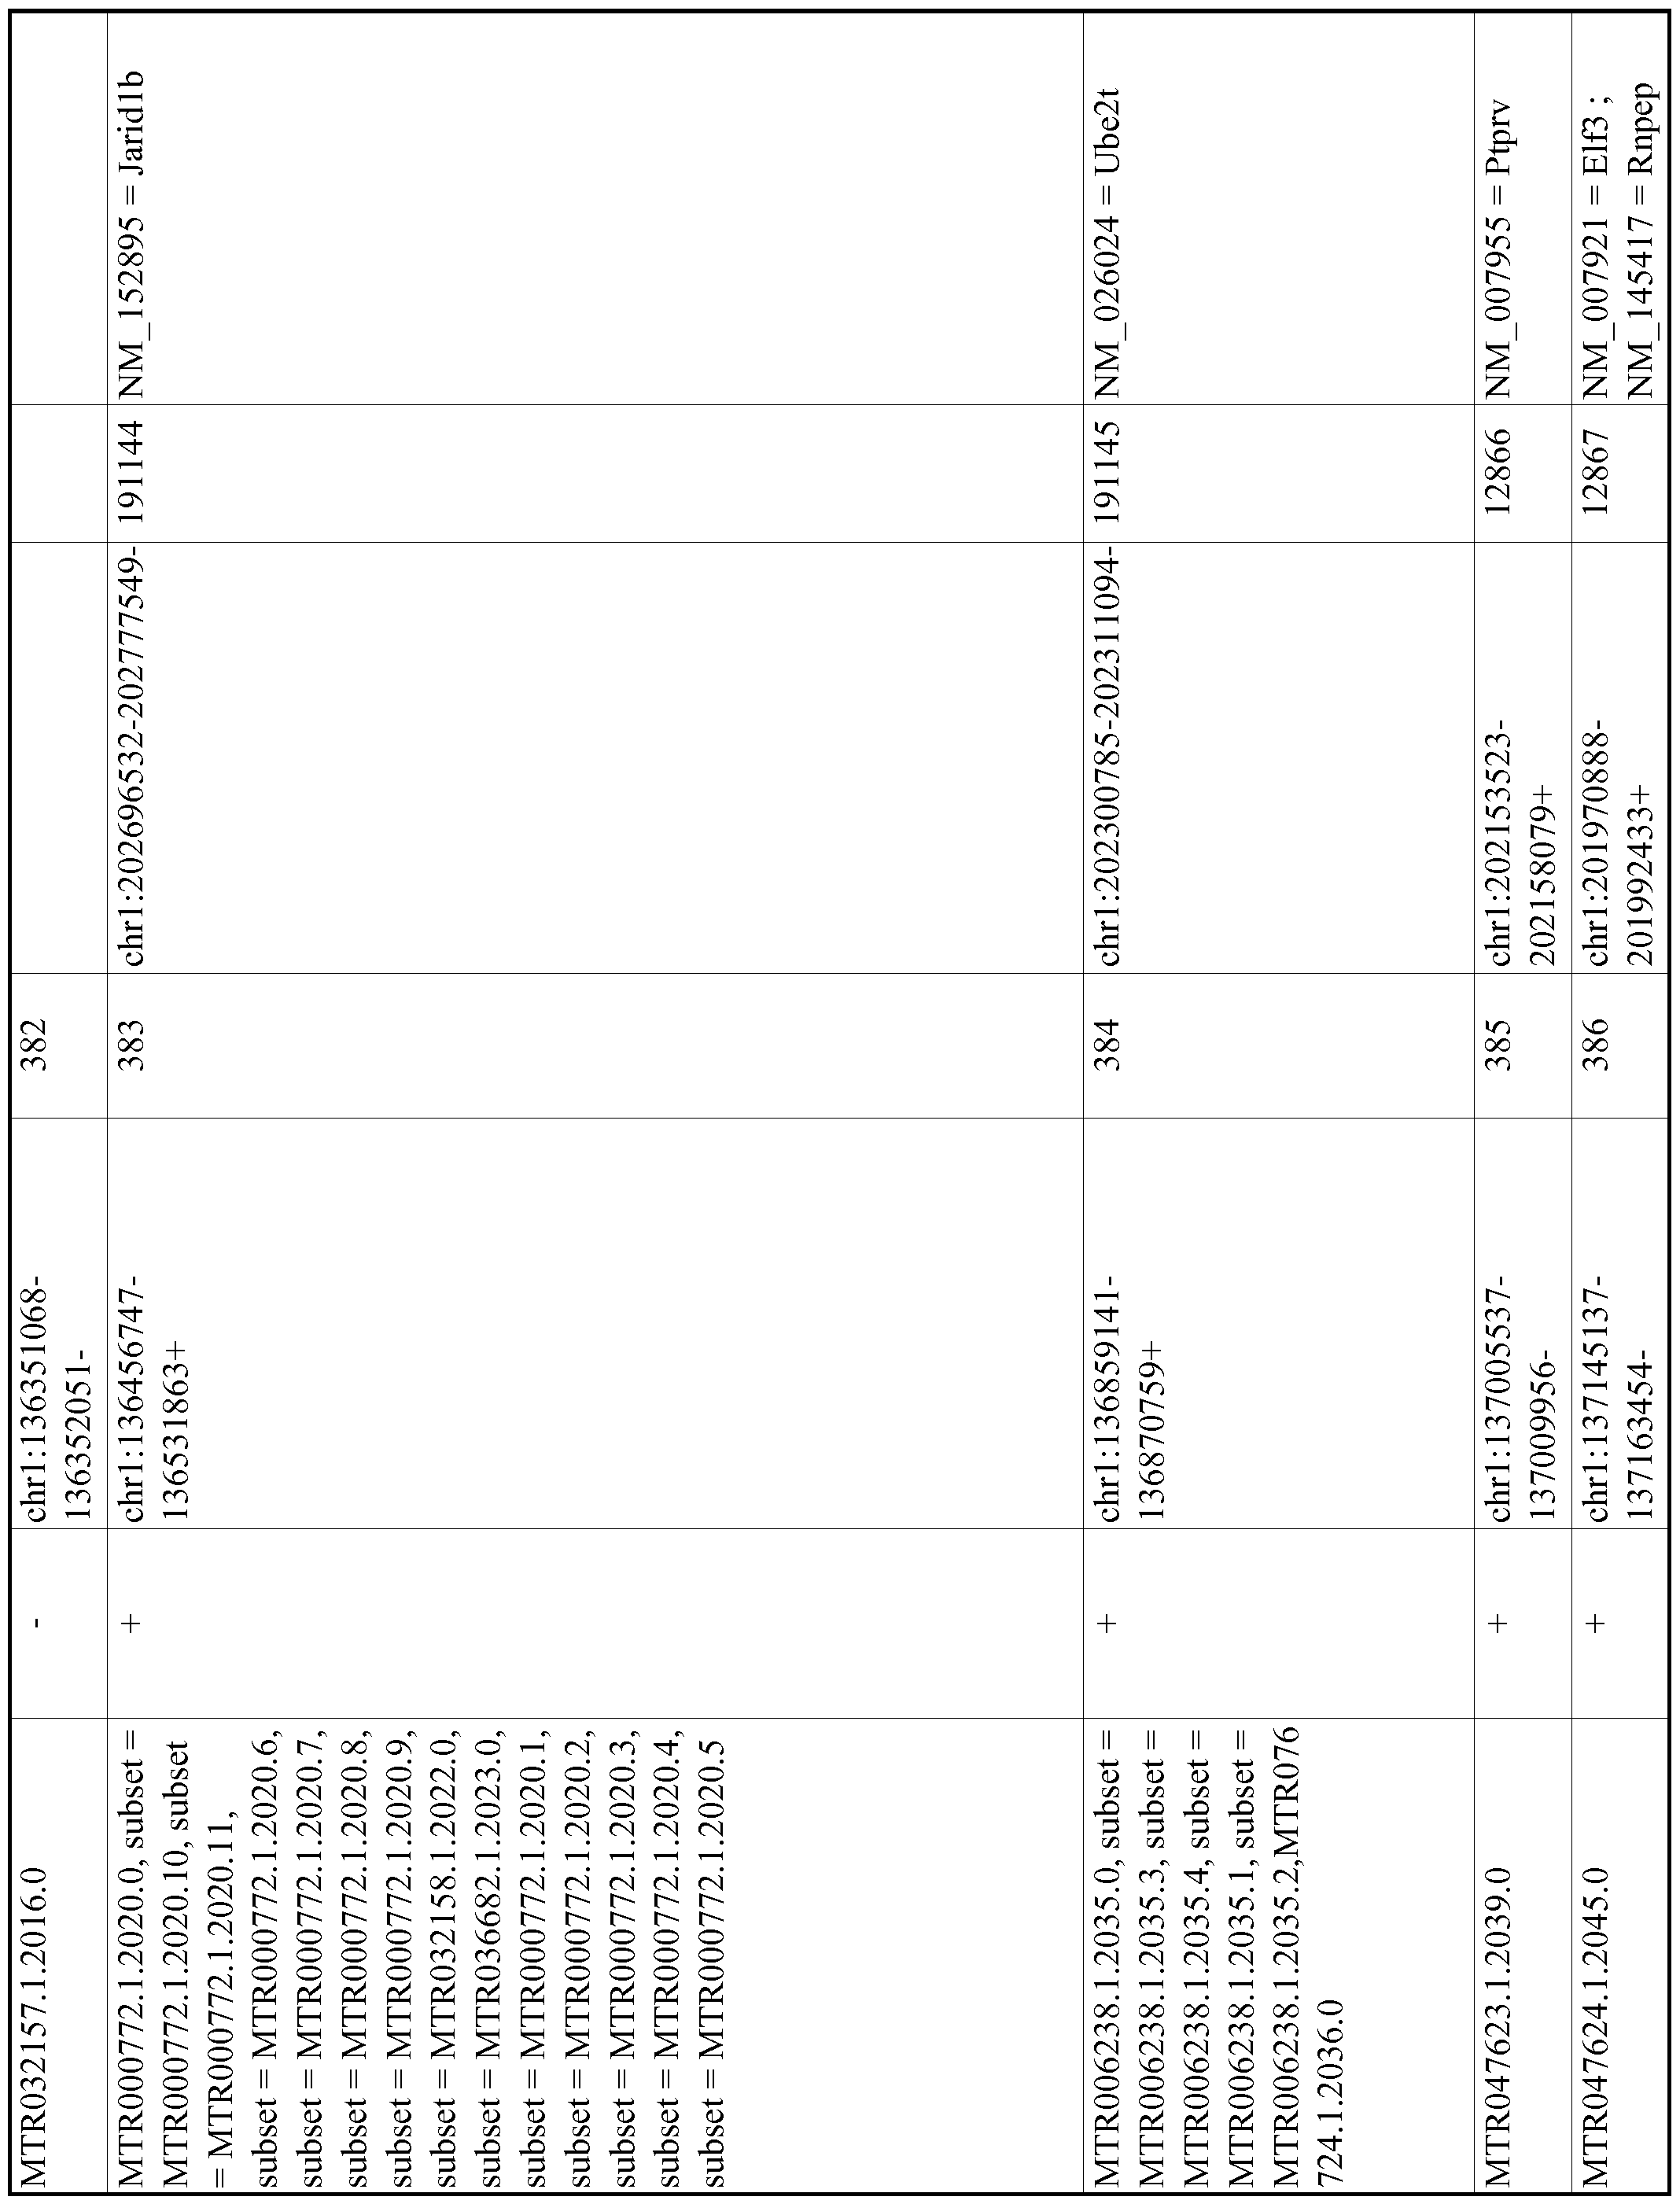 Figure imgf000216_0001